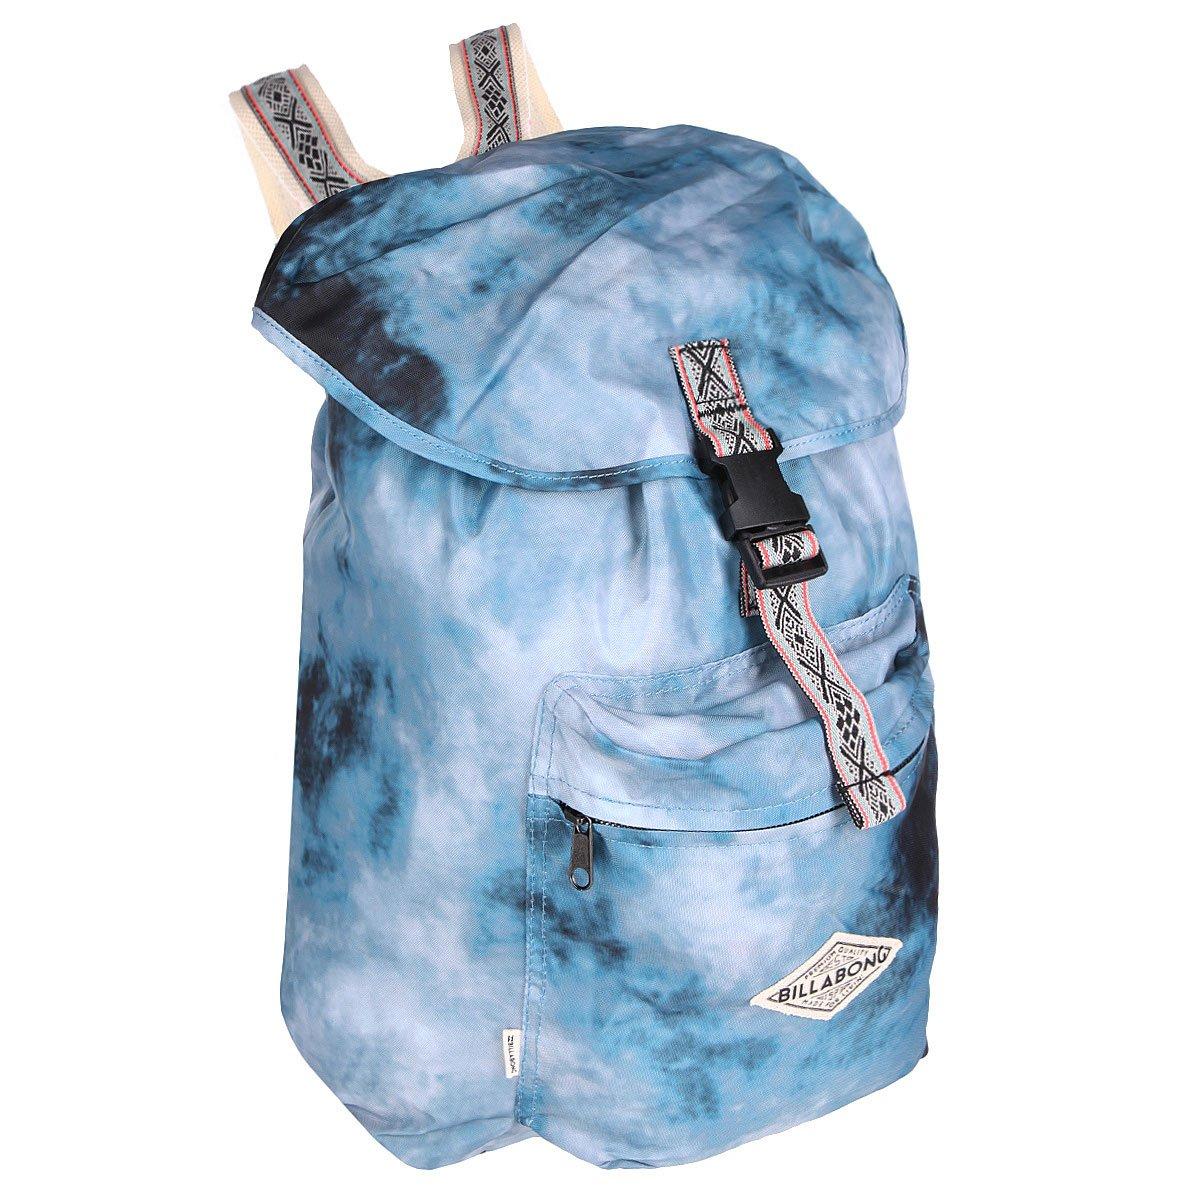 39a3c22c9414 Купить рюкзак городской женский Billabong Sister Solstice Tie Dye в ...